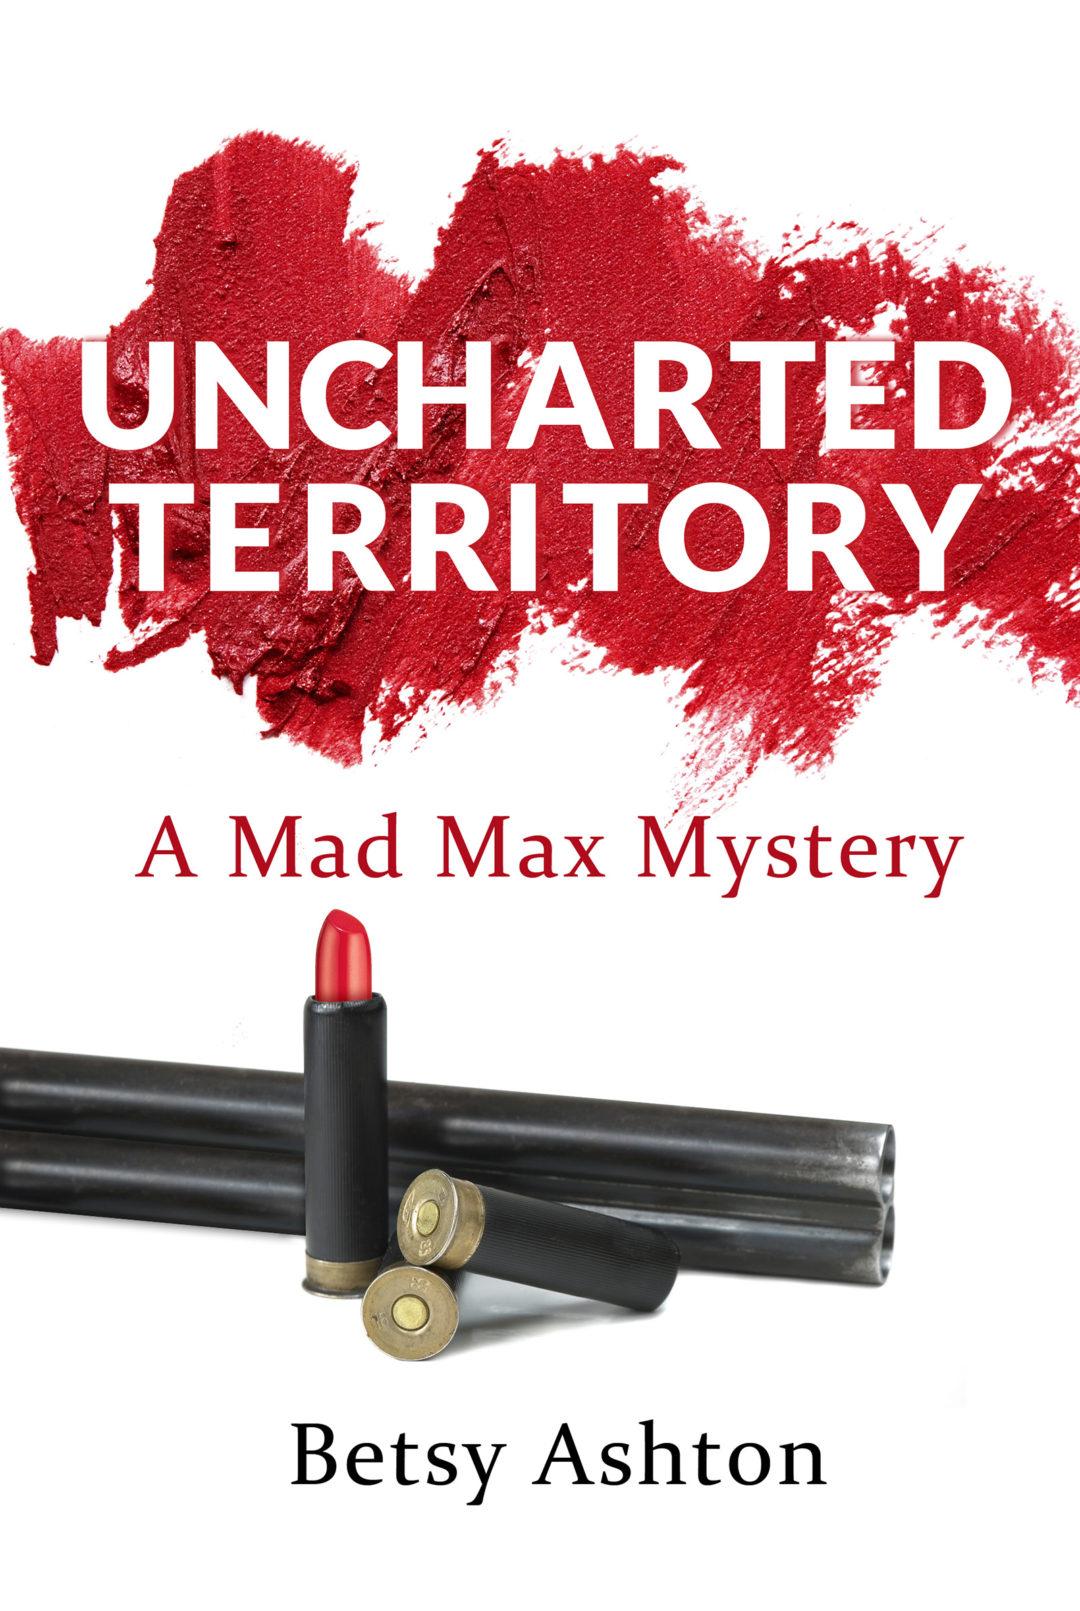 Unchartered Territory